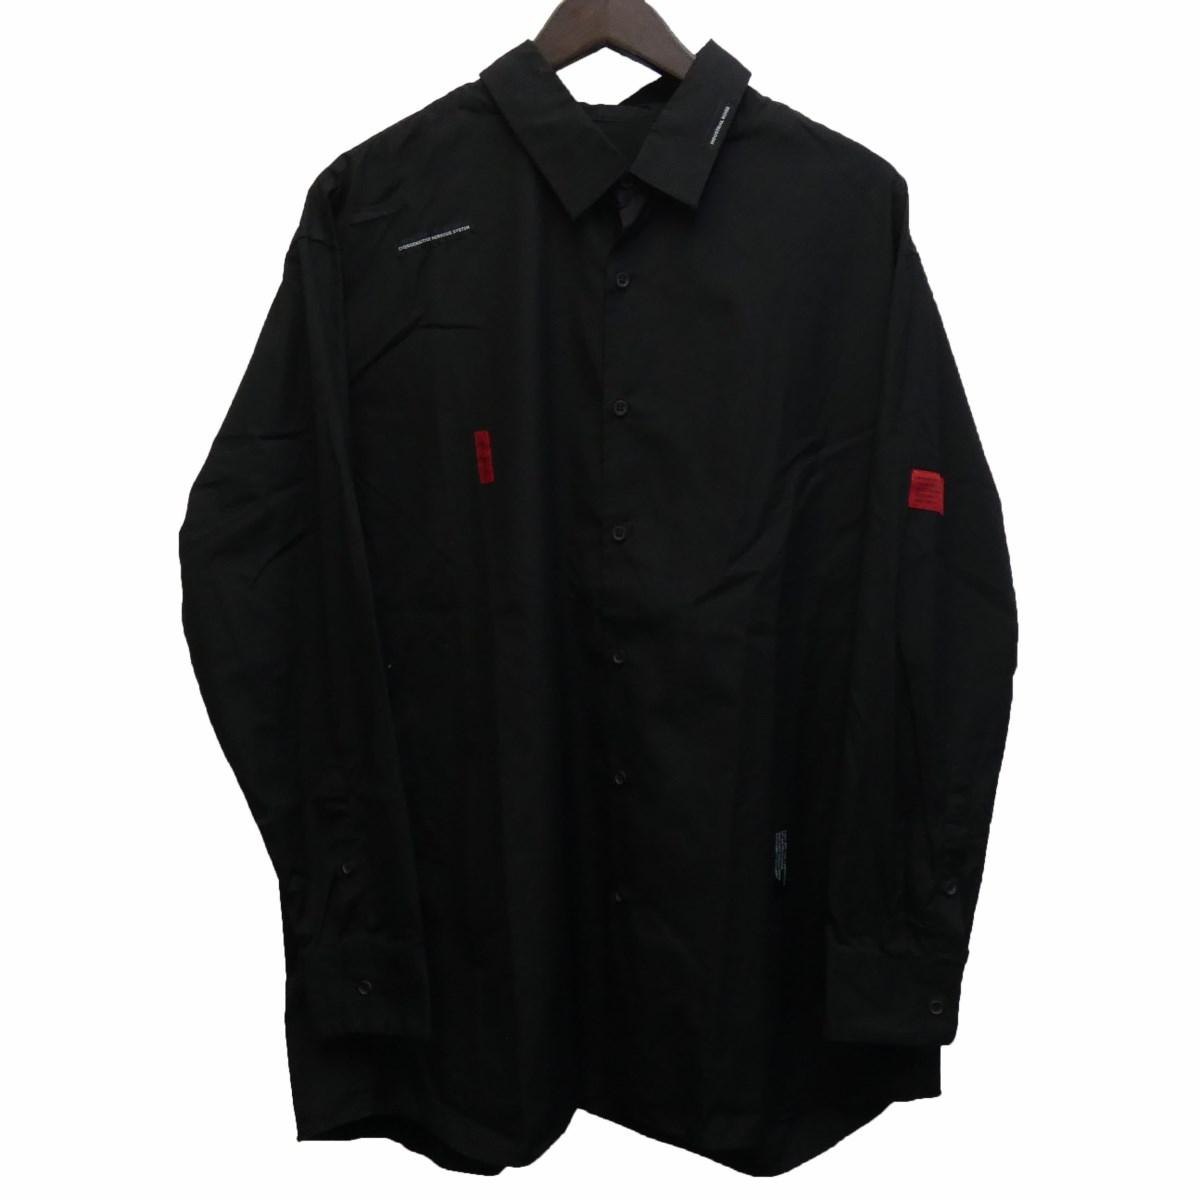 【中古】LAD MUSICIAN 18AW 「BROAD CLOTH PLANE BIG SHIRT」 シャツ ブラック サイズ:42 【090320】(ラッドミュージシャン)